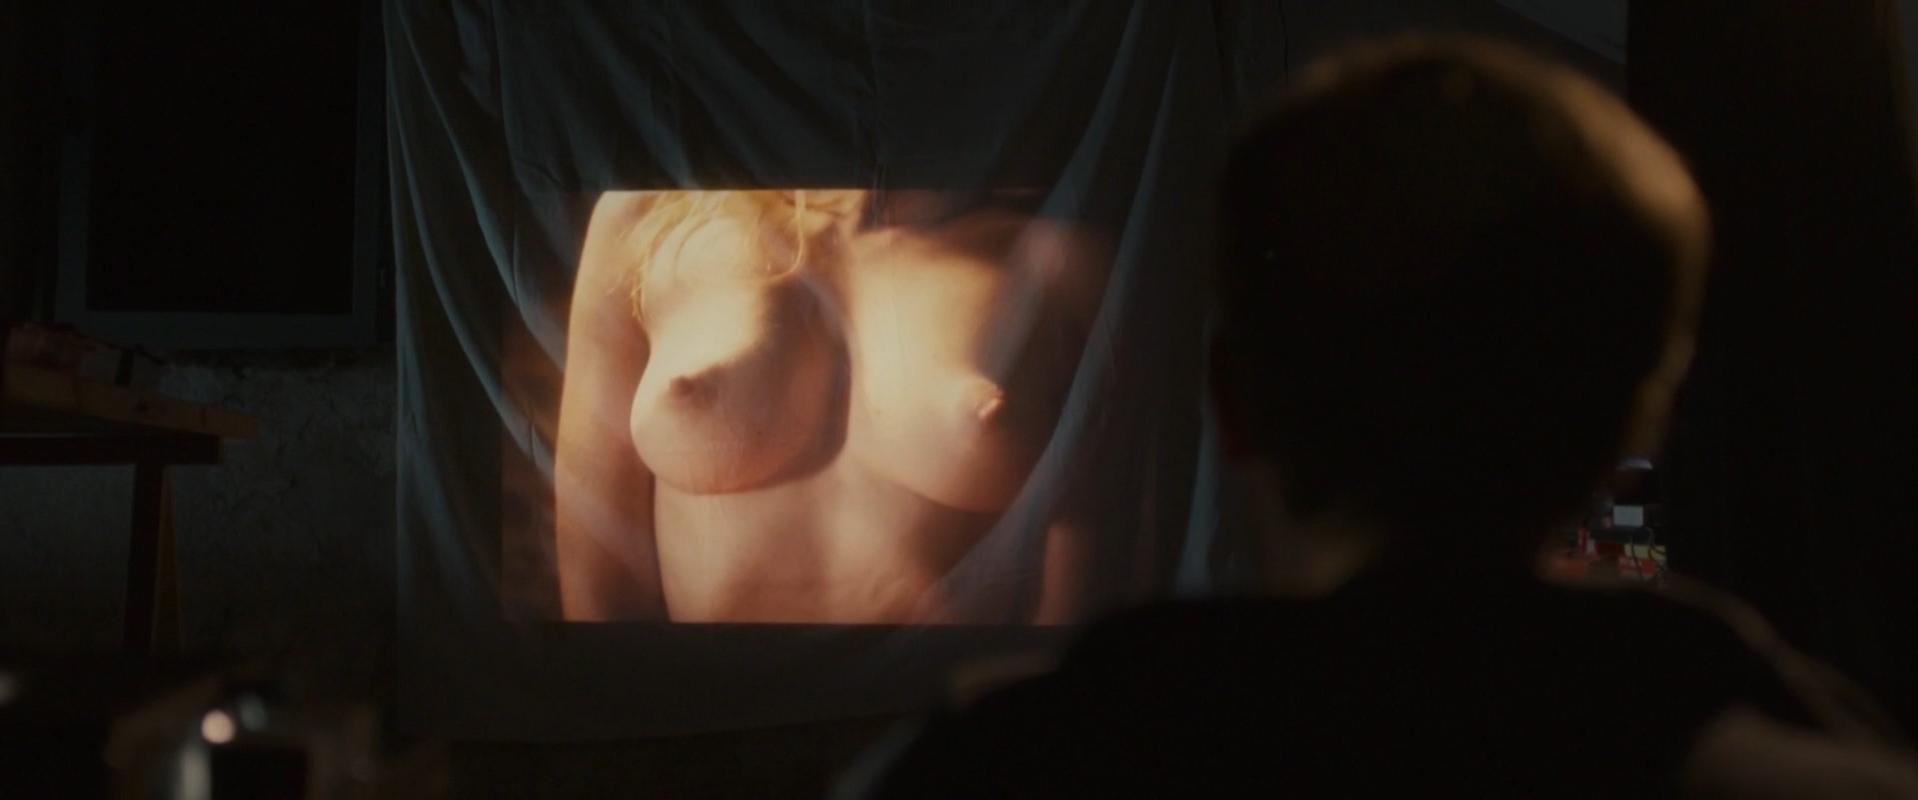 Maud Wyler nude - Le combat ordinaire (2015)